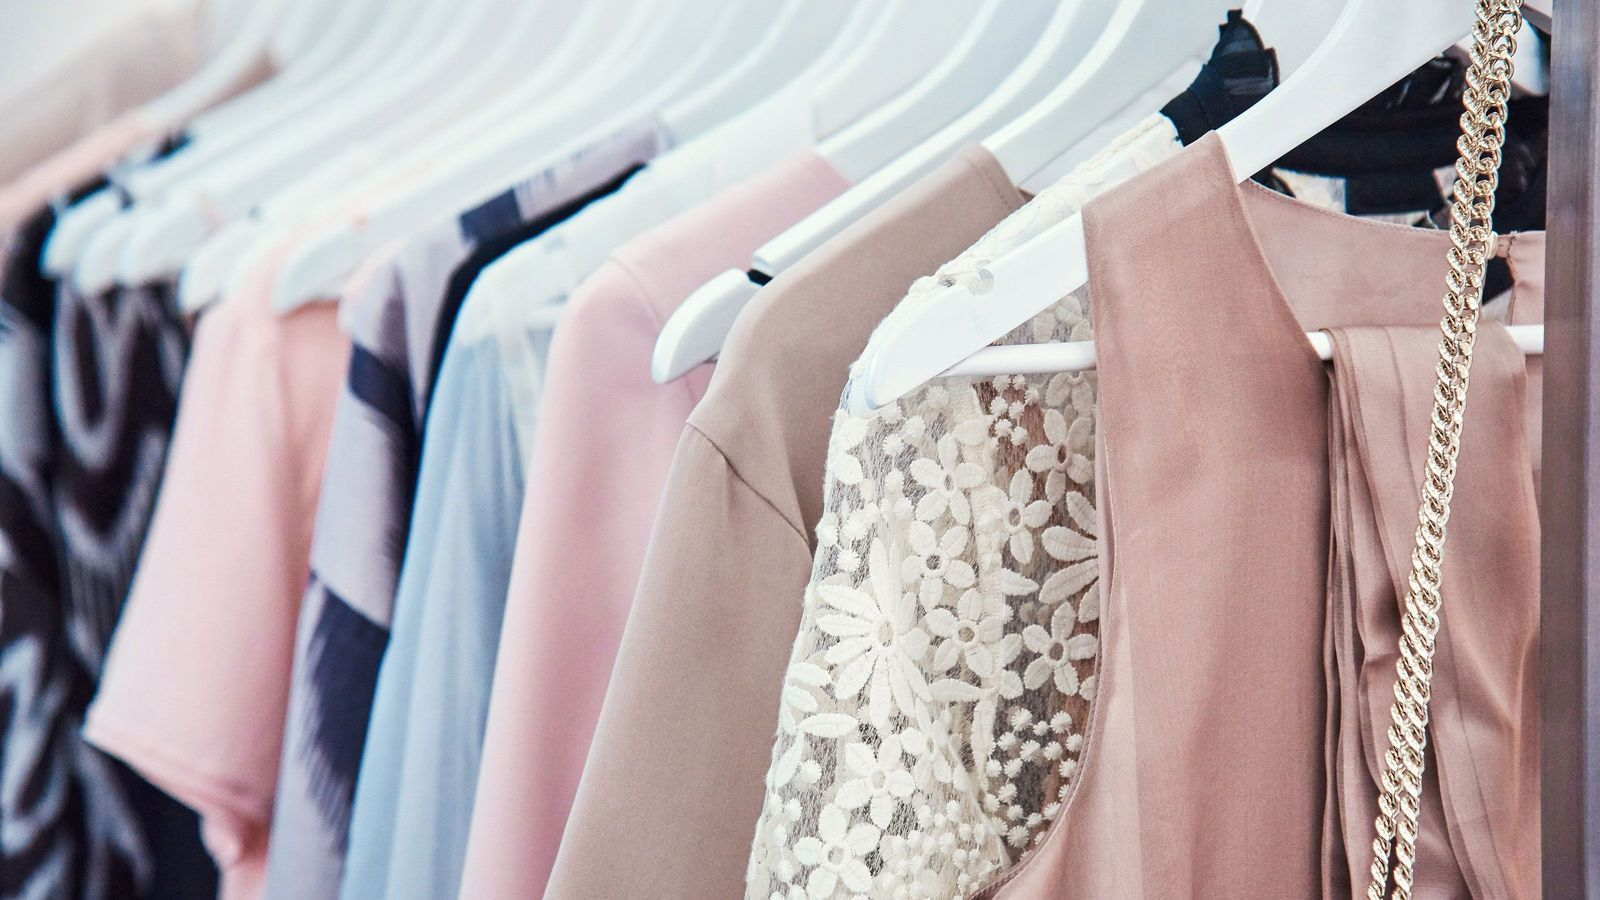 月5800円借り放題「服のサブスク」が儲かるワケ 実は店舗販売より利益率が高い